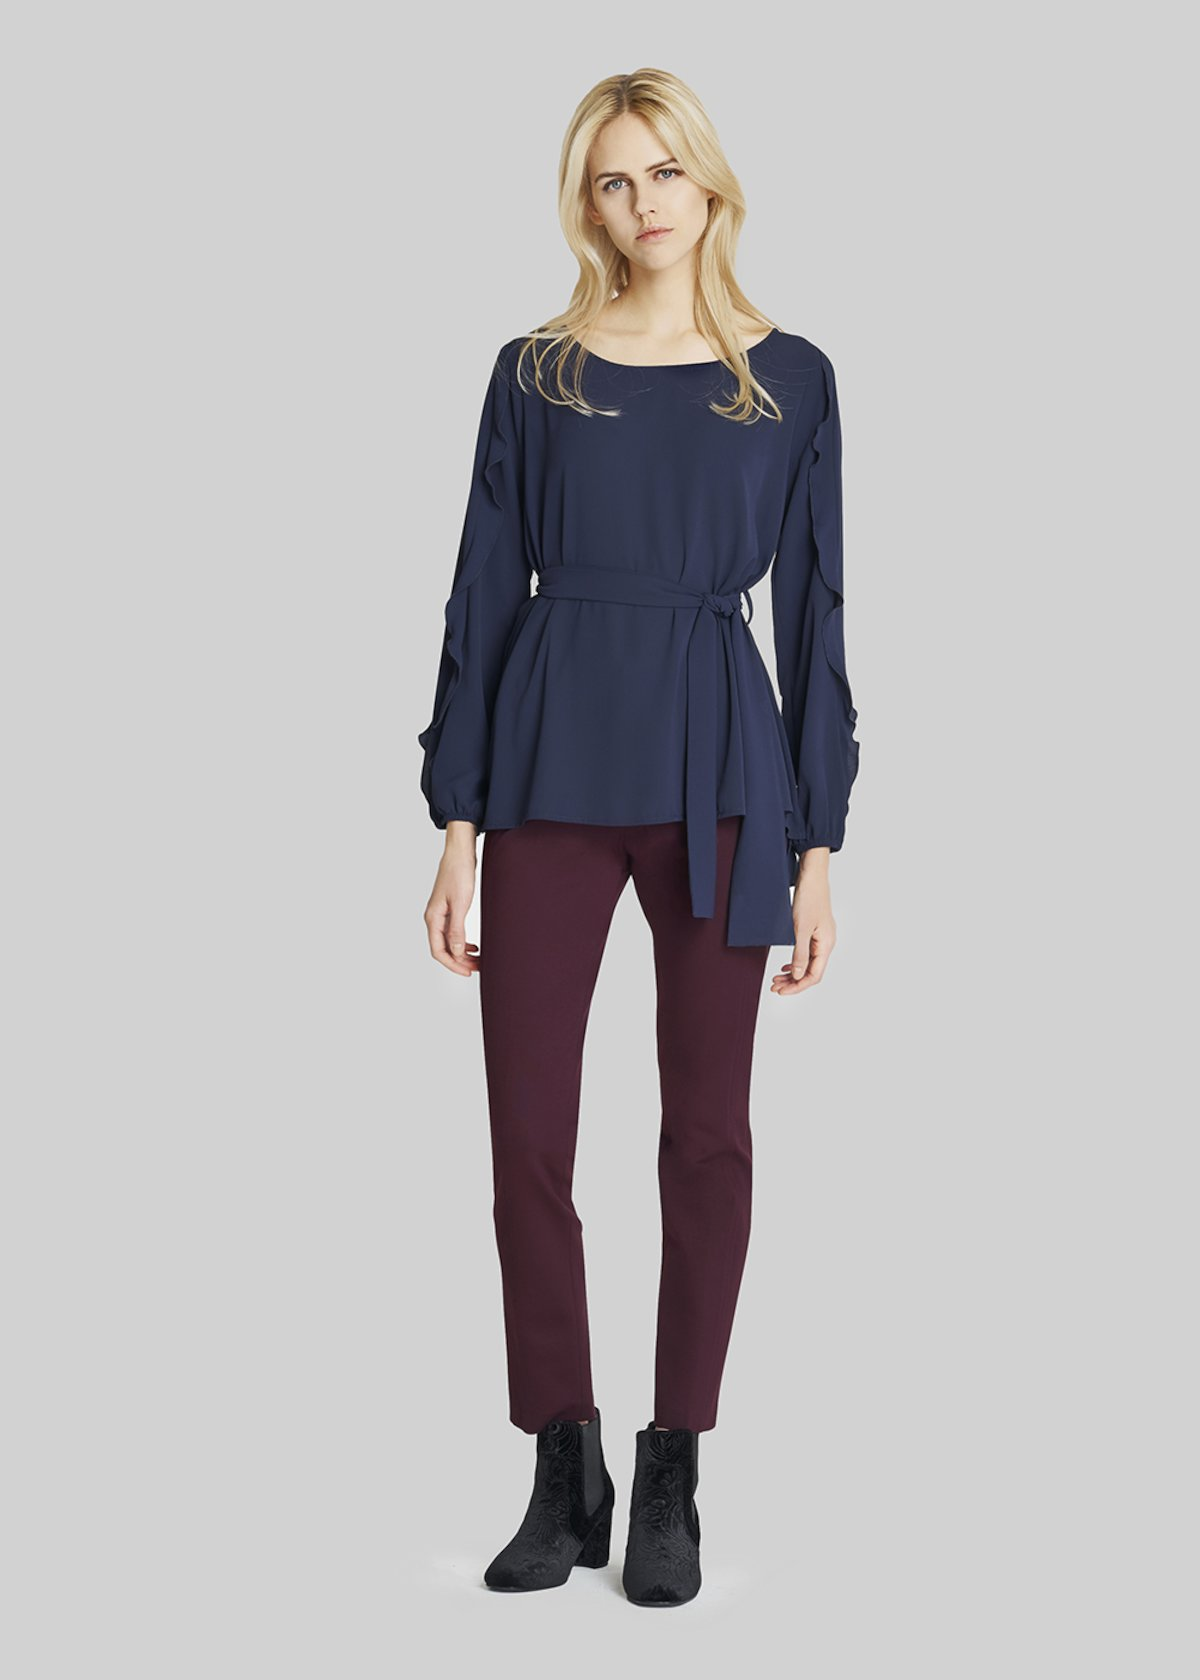 Selenia blouse click fabric - Medium Blue - Woman - Category image